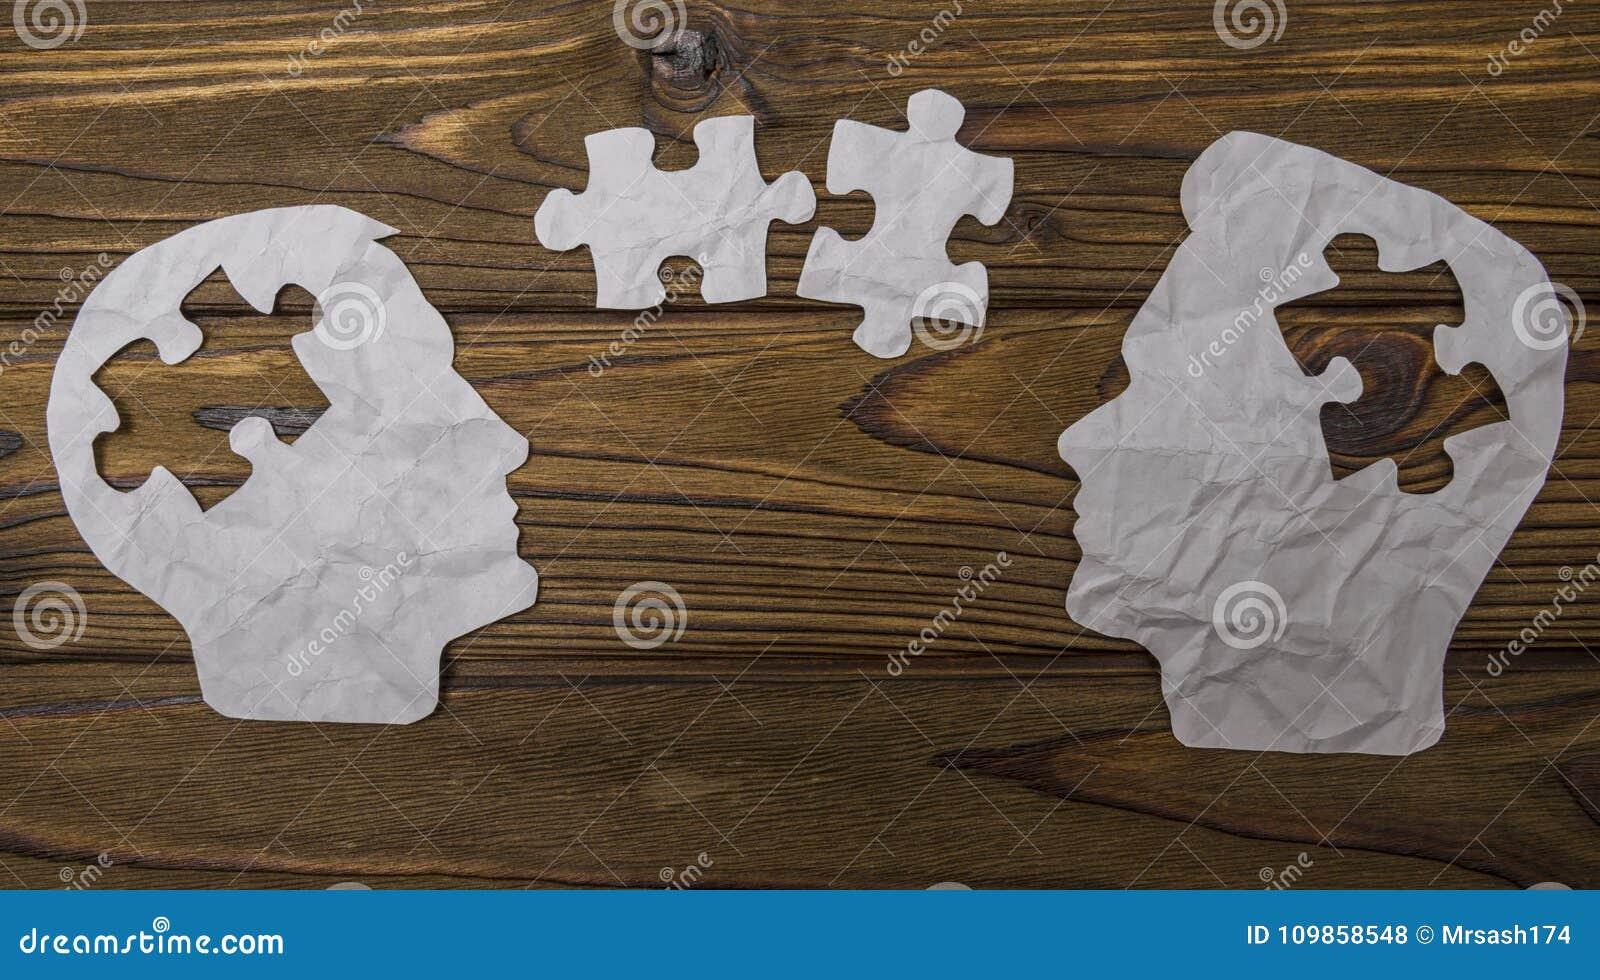 Samengesteld beeld van document in de vorm van twee hoofdsilhouetten op een houten achtergrond